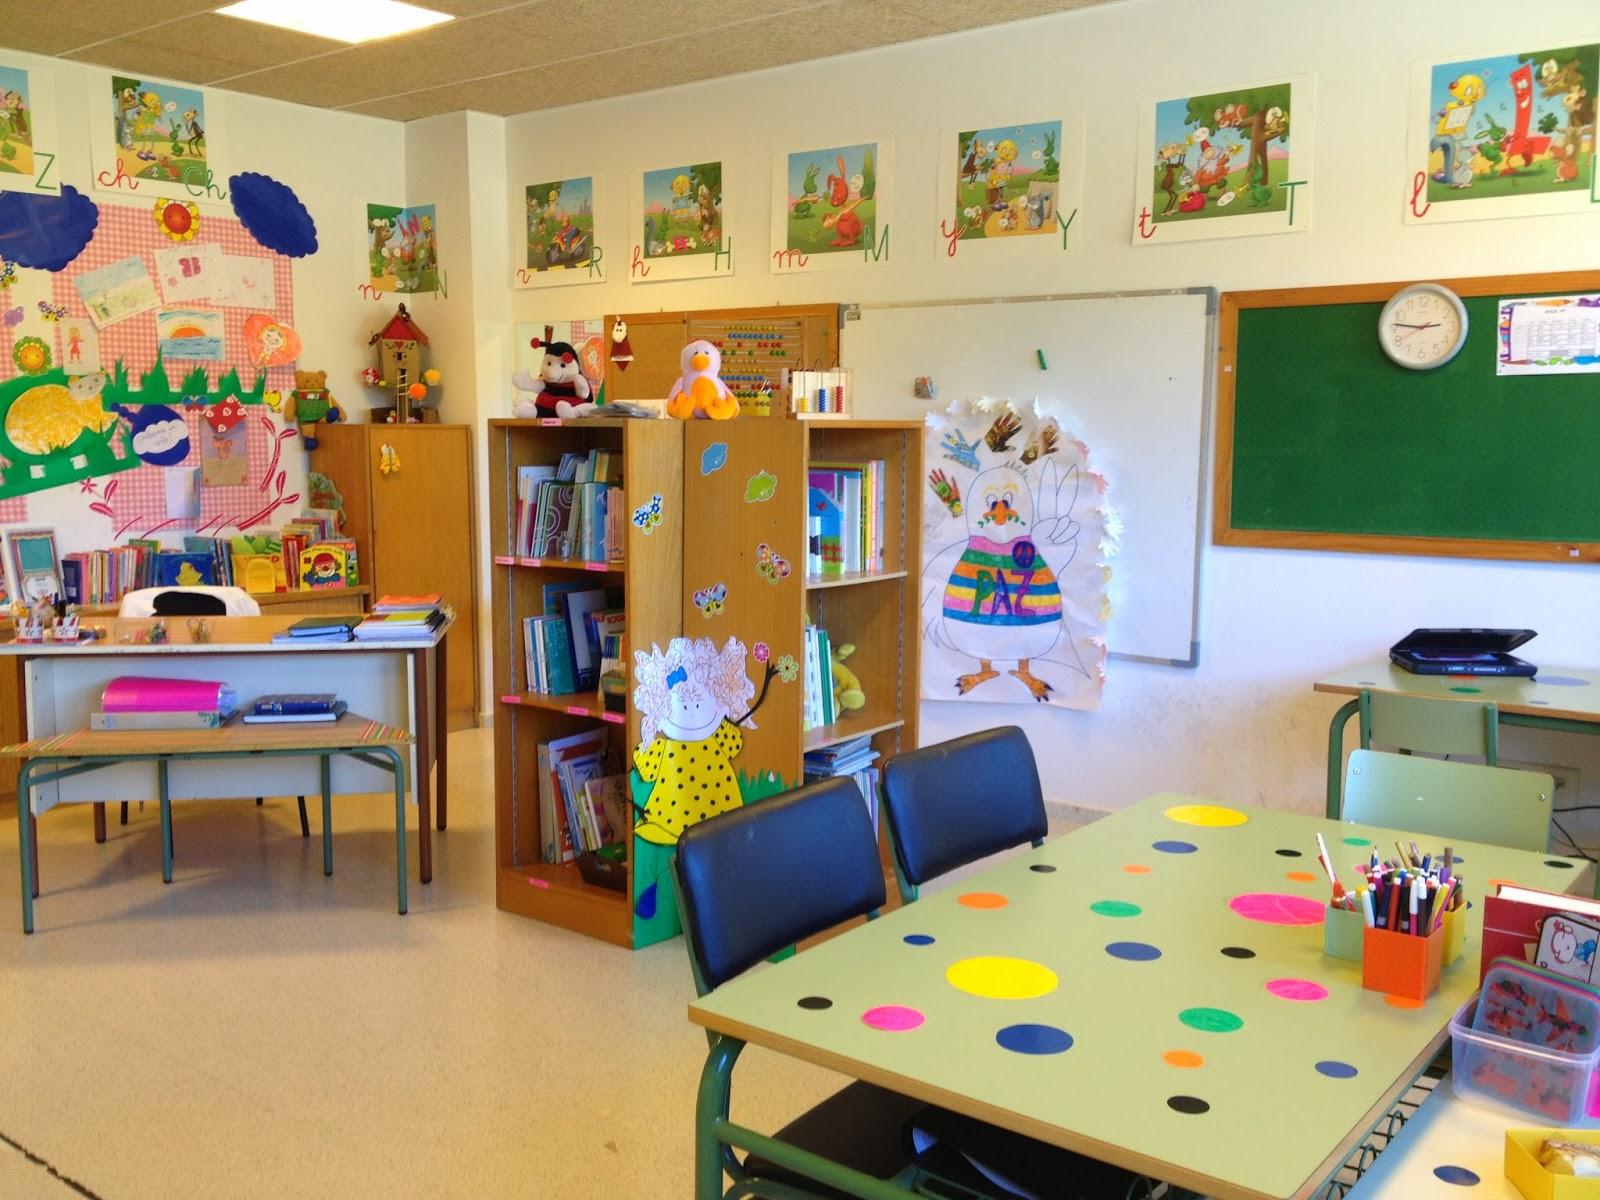 aula de pt do ceip san xo n de becerre setembro nova On decoracion de espacios en preescolar